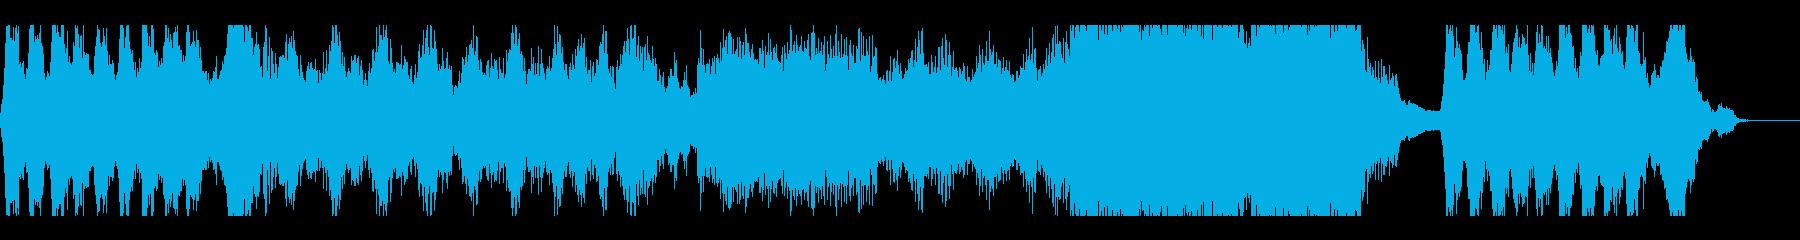 幻想的なホラー用の音楽の再生済みの波形